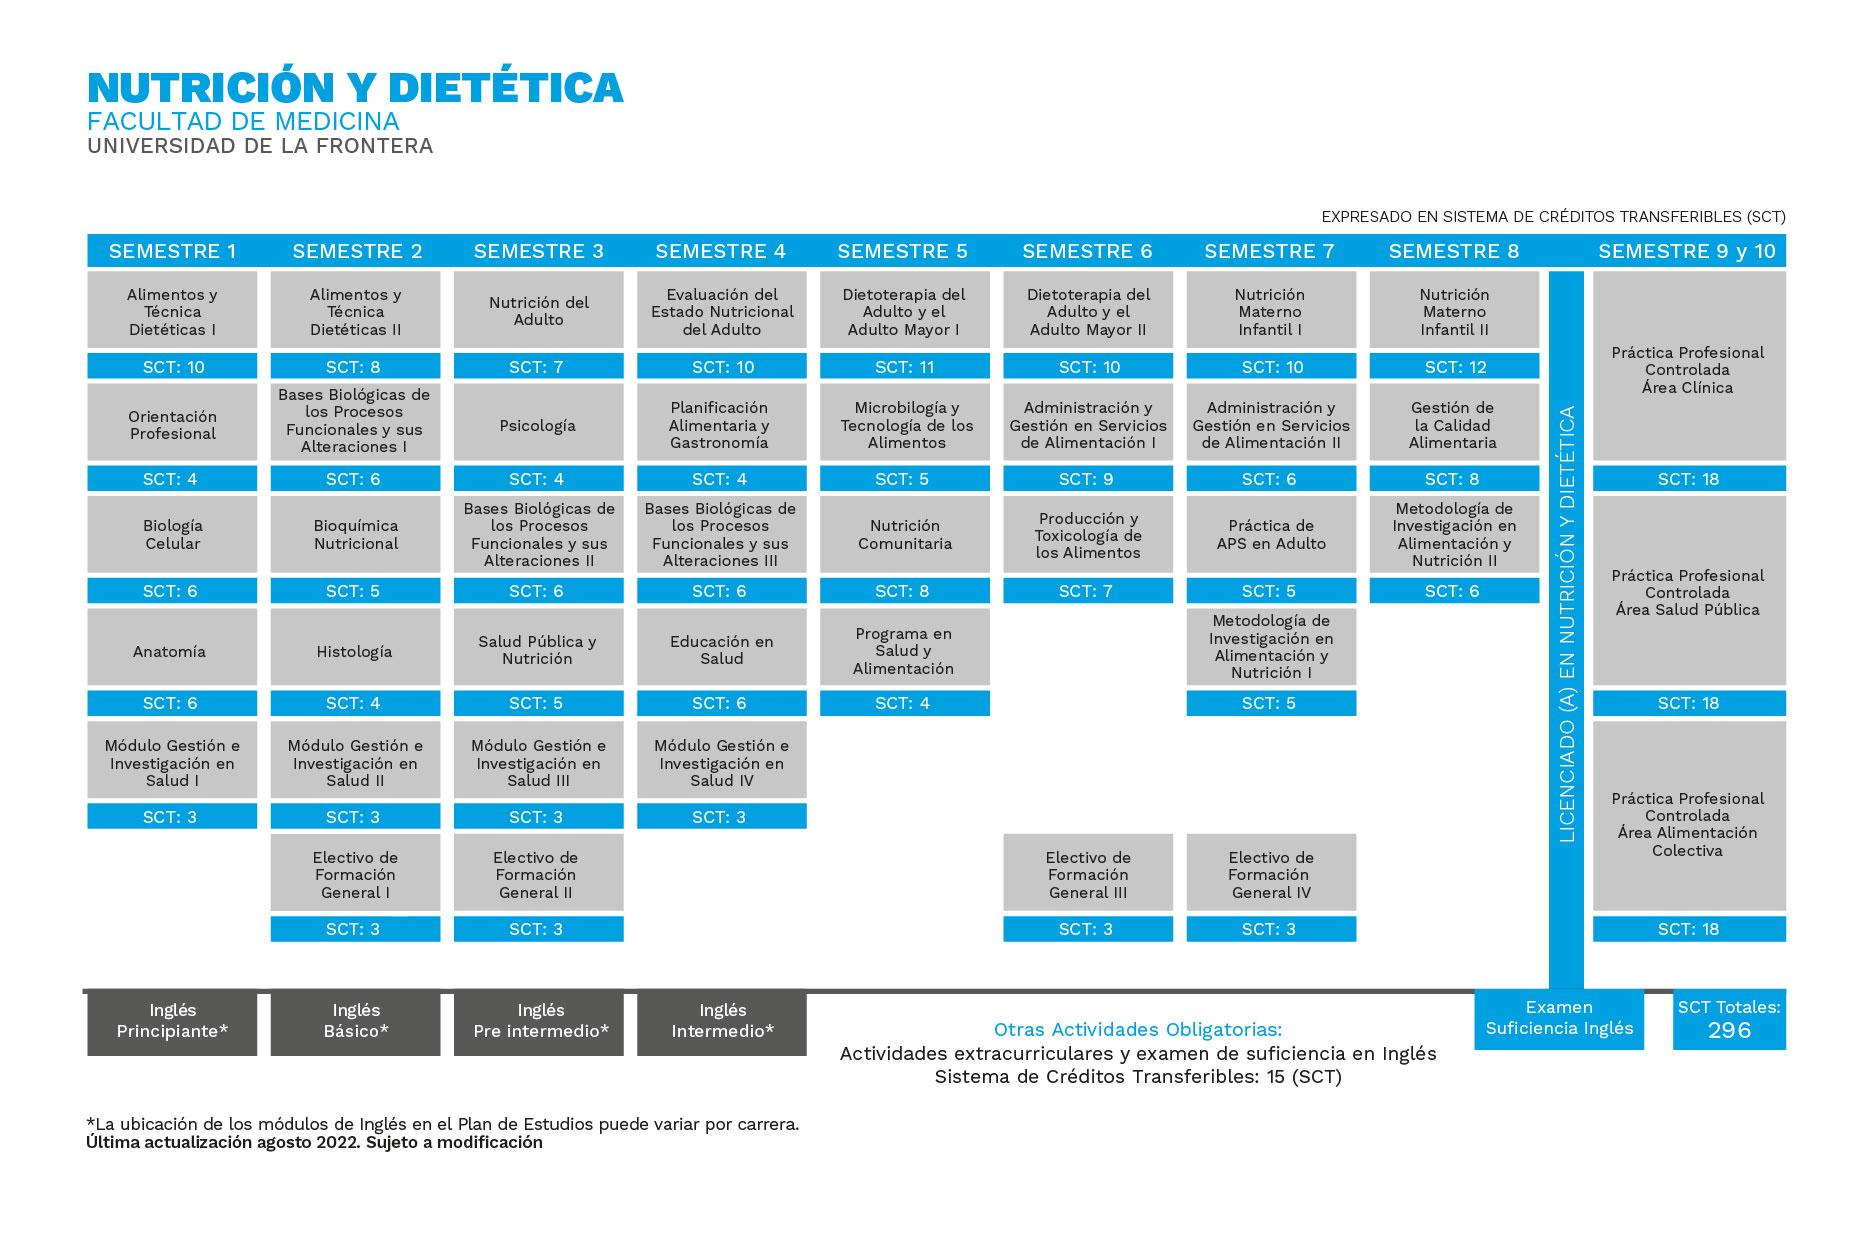 Nutrición y Dietética Universidad de La Frontera.jpg